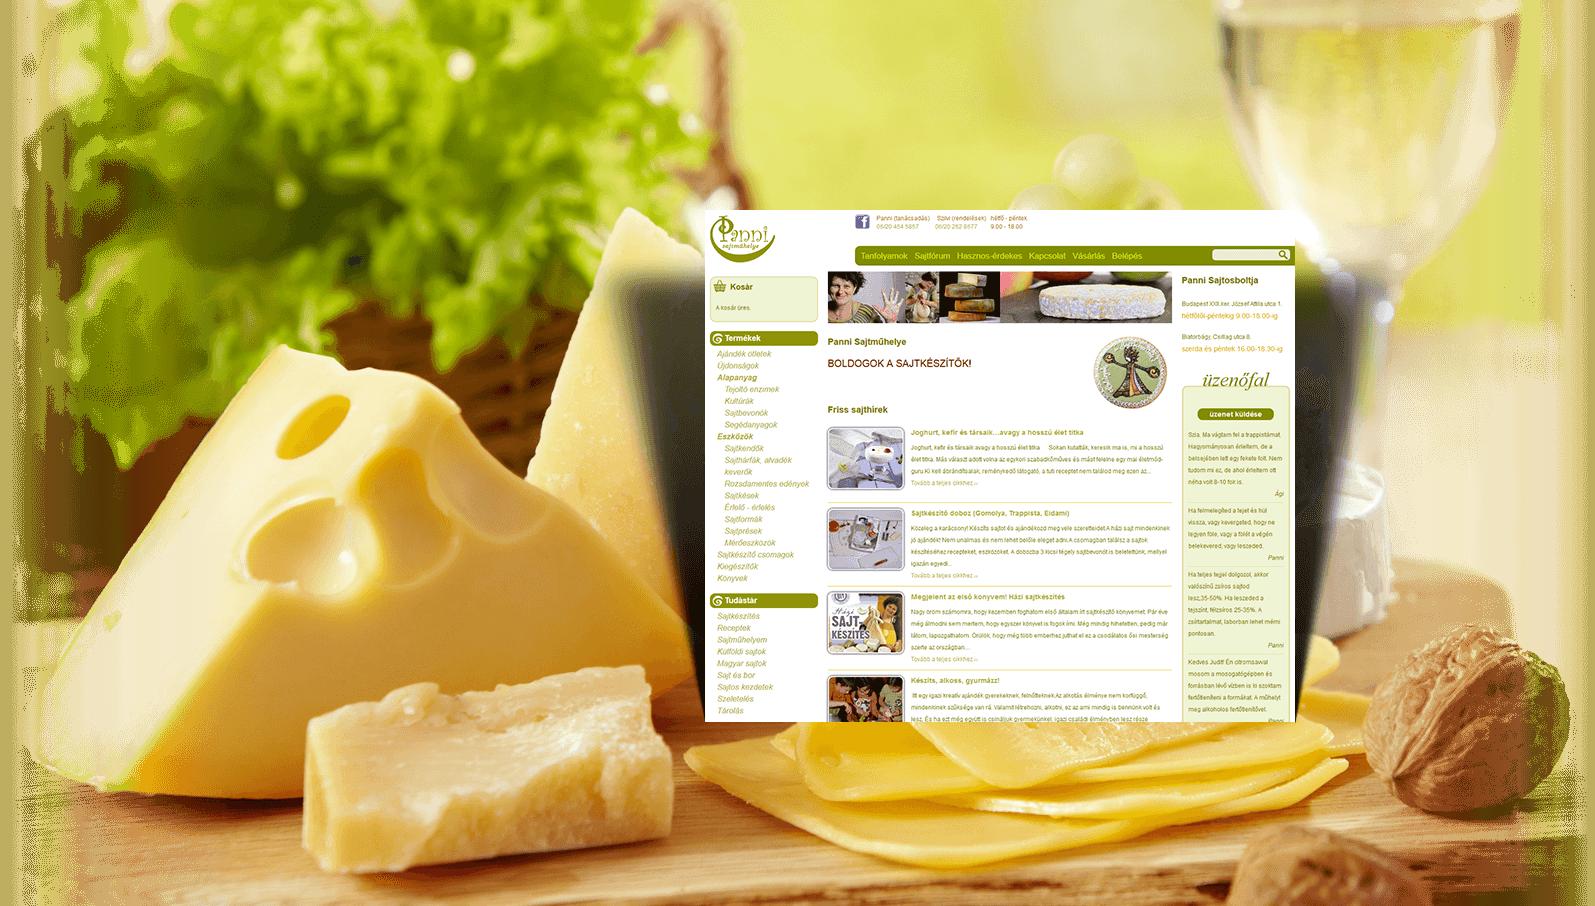 Házisajtkészítés - Panni sajtműhelye